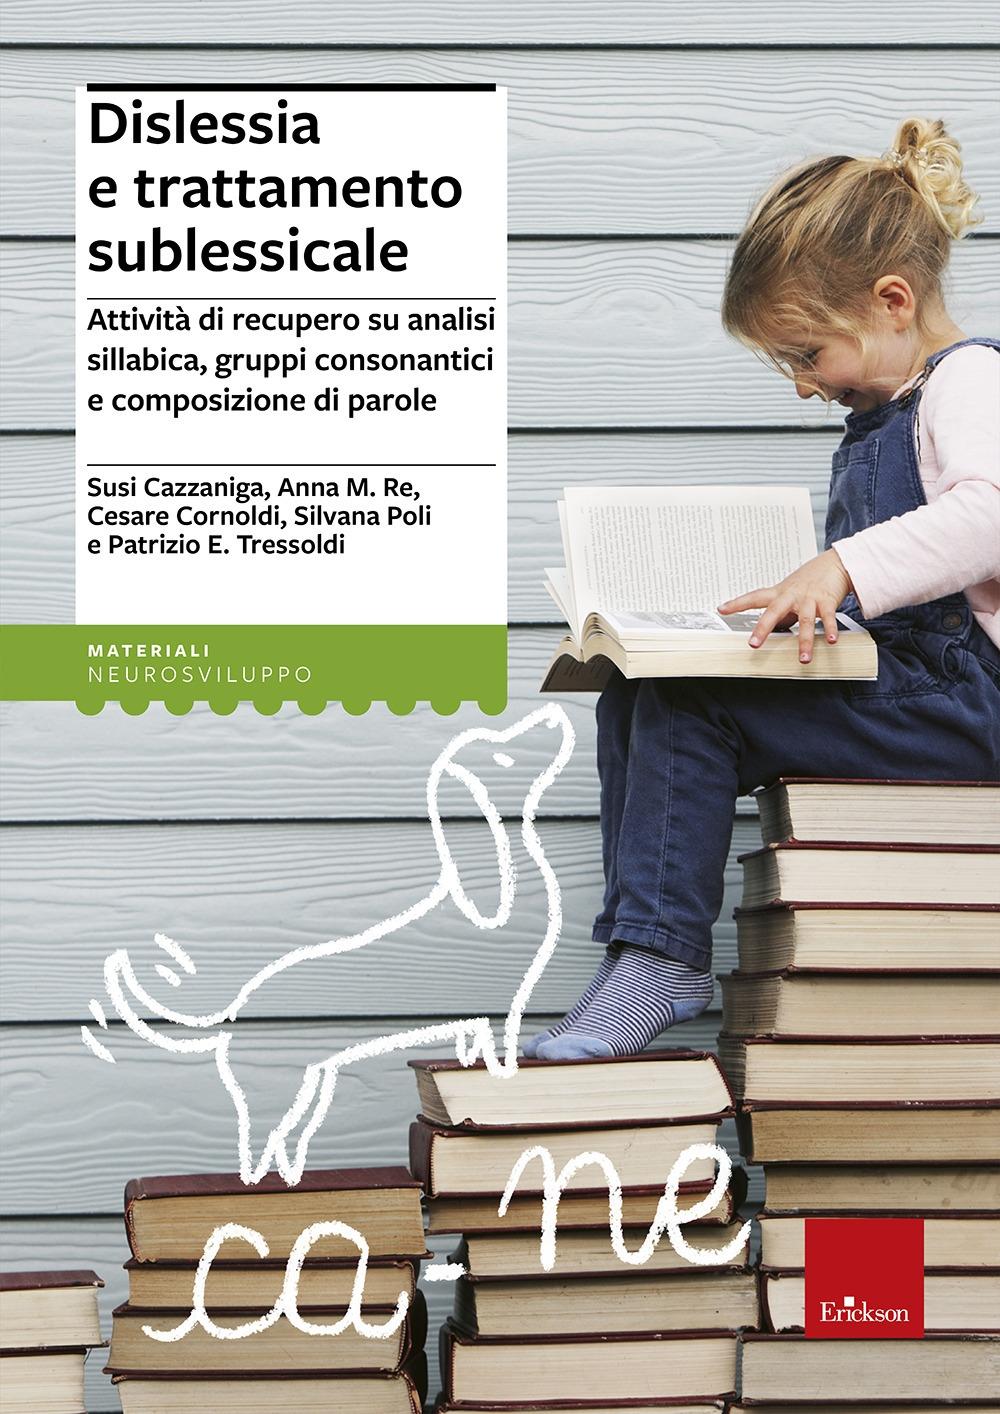 Dislessia e trattamento sublessicale. Attività di recupero su analisi sillabica, gruppi consonantici e composizione di parole